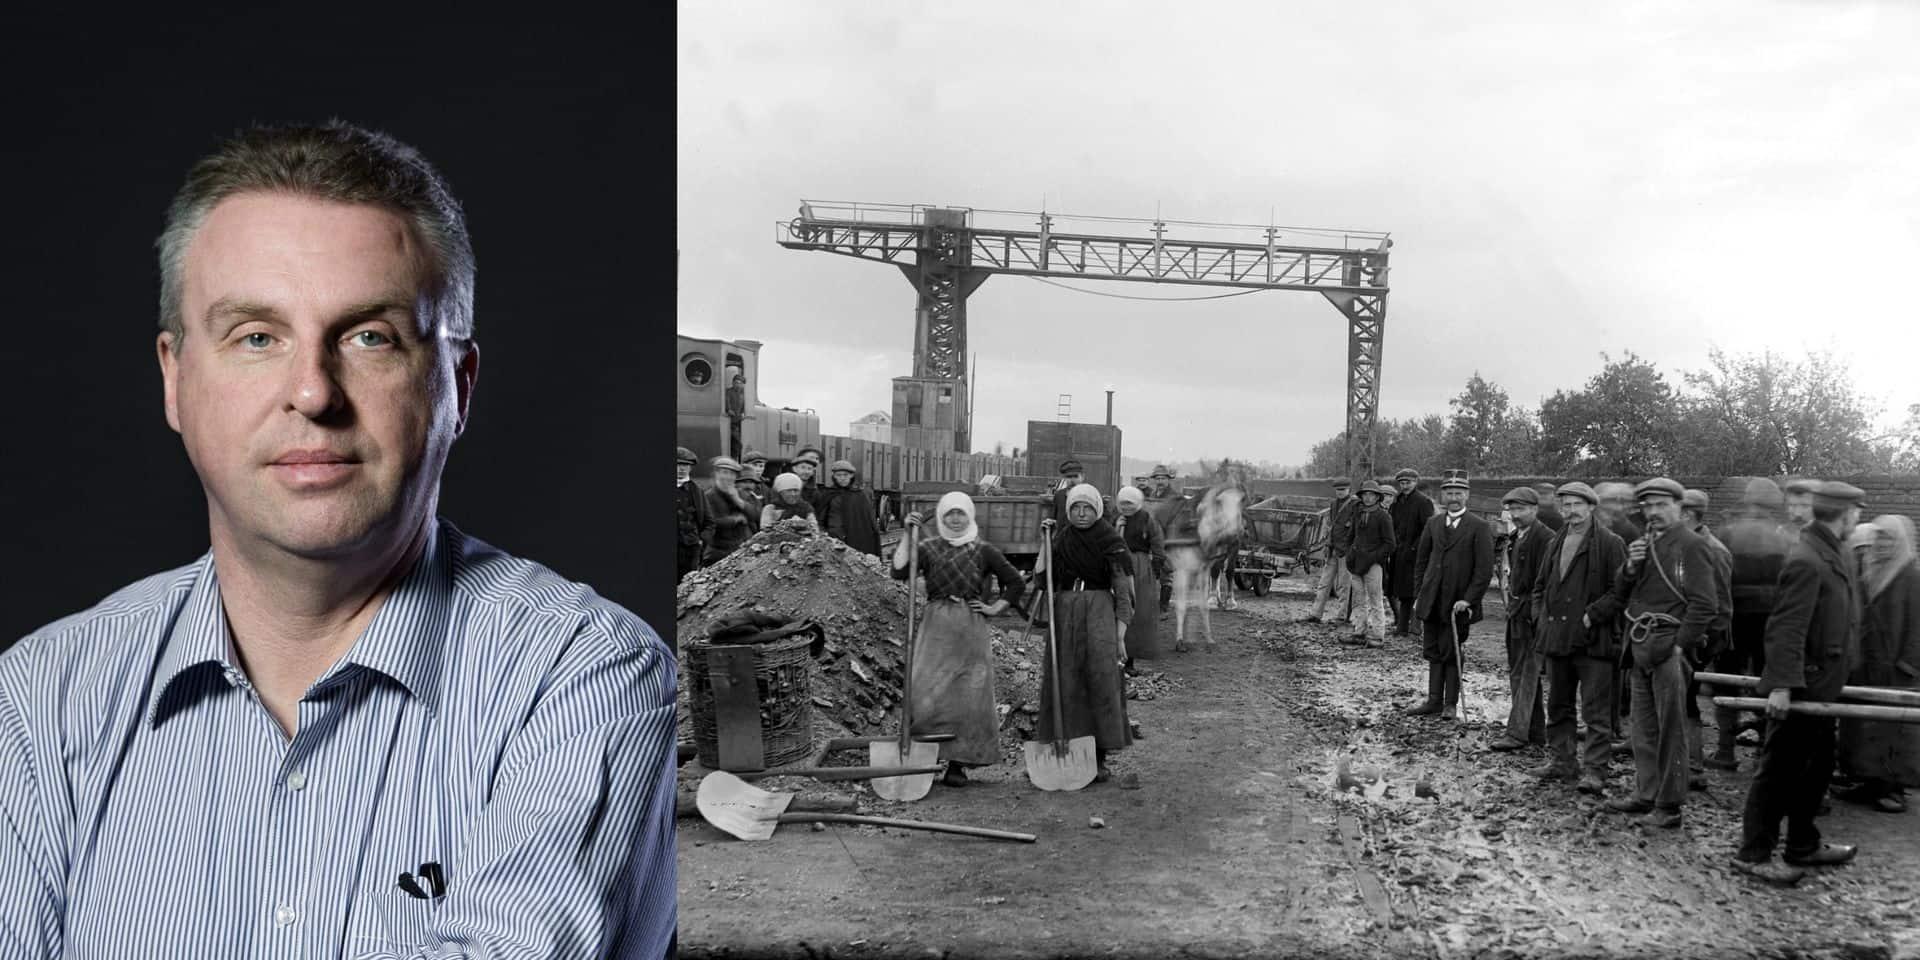 Il y a 75 ans les premiers immigrés italiens arrivaient en Belgique